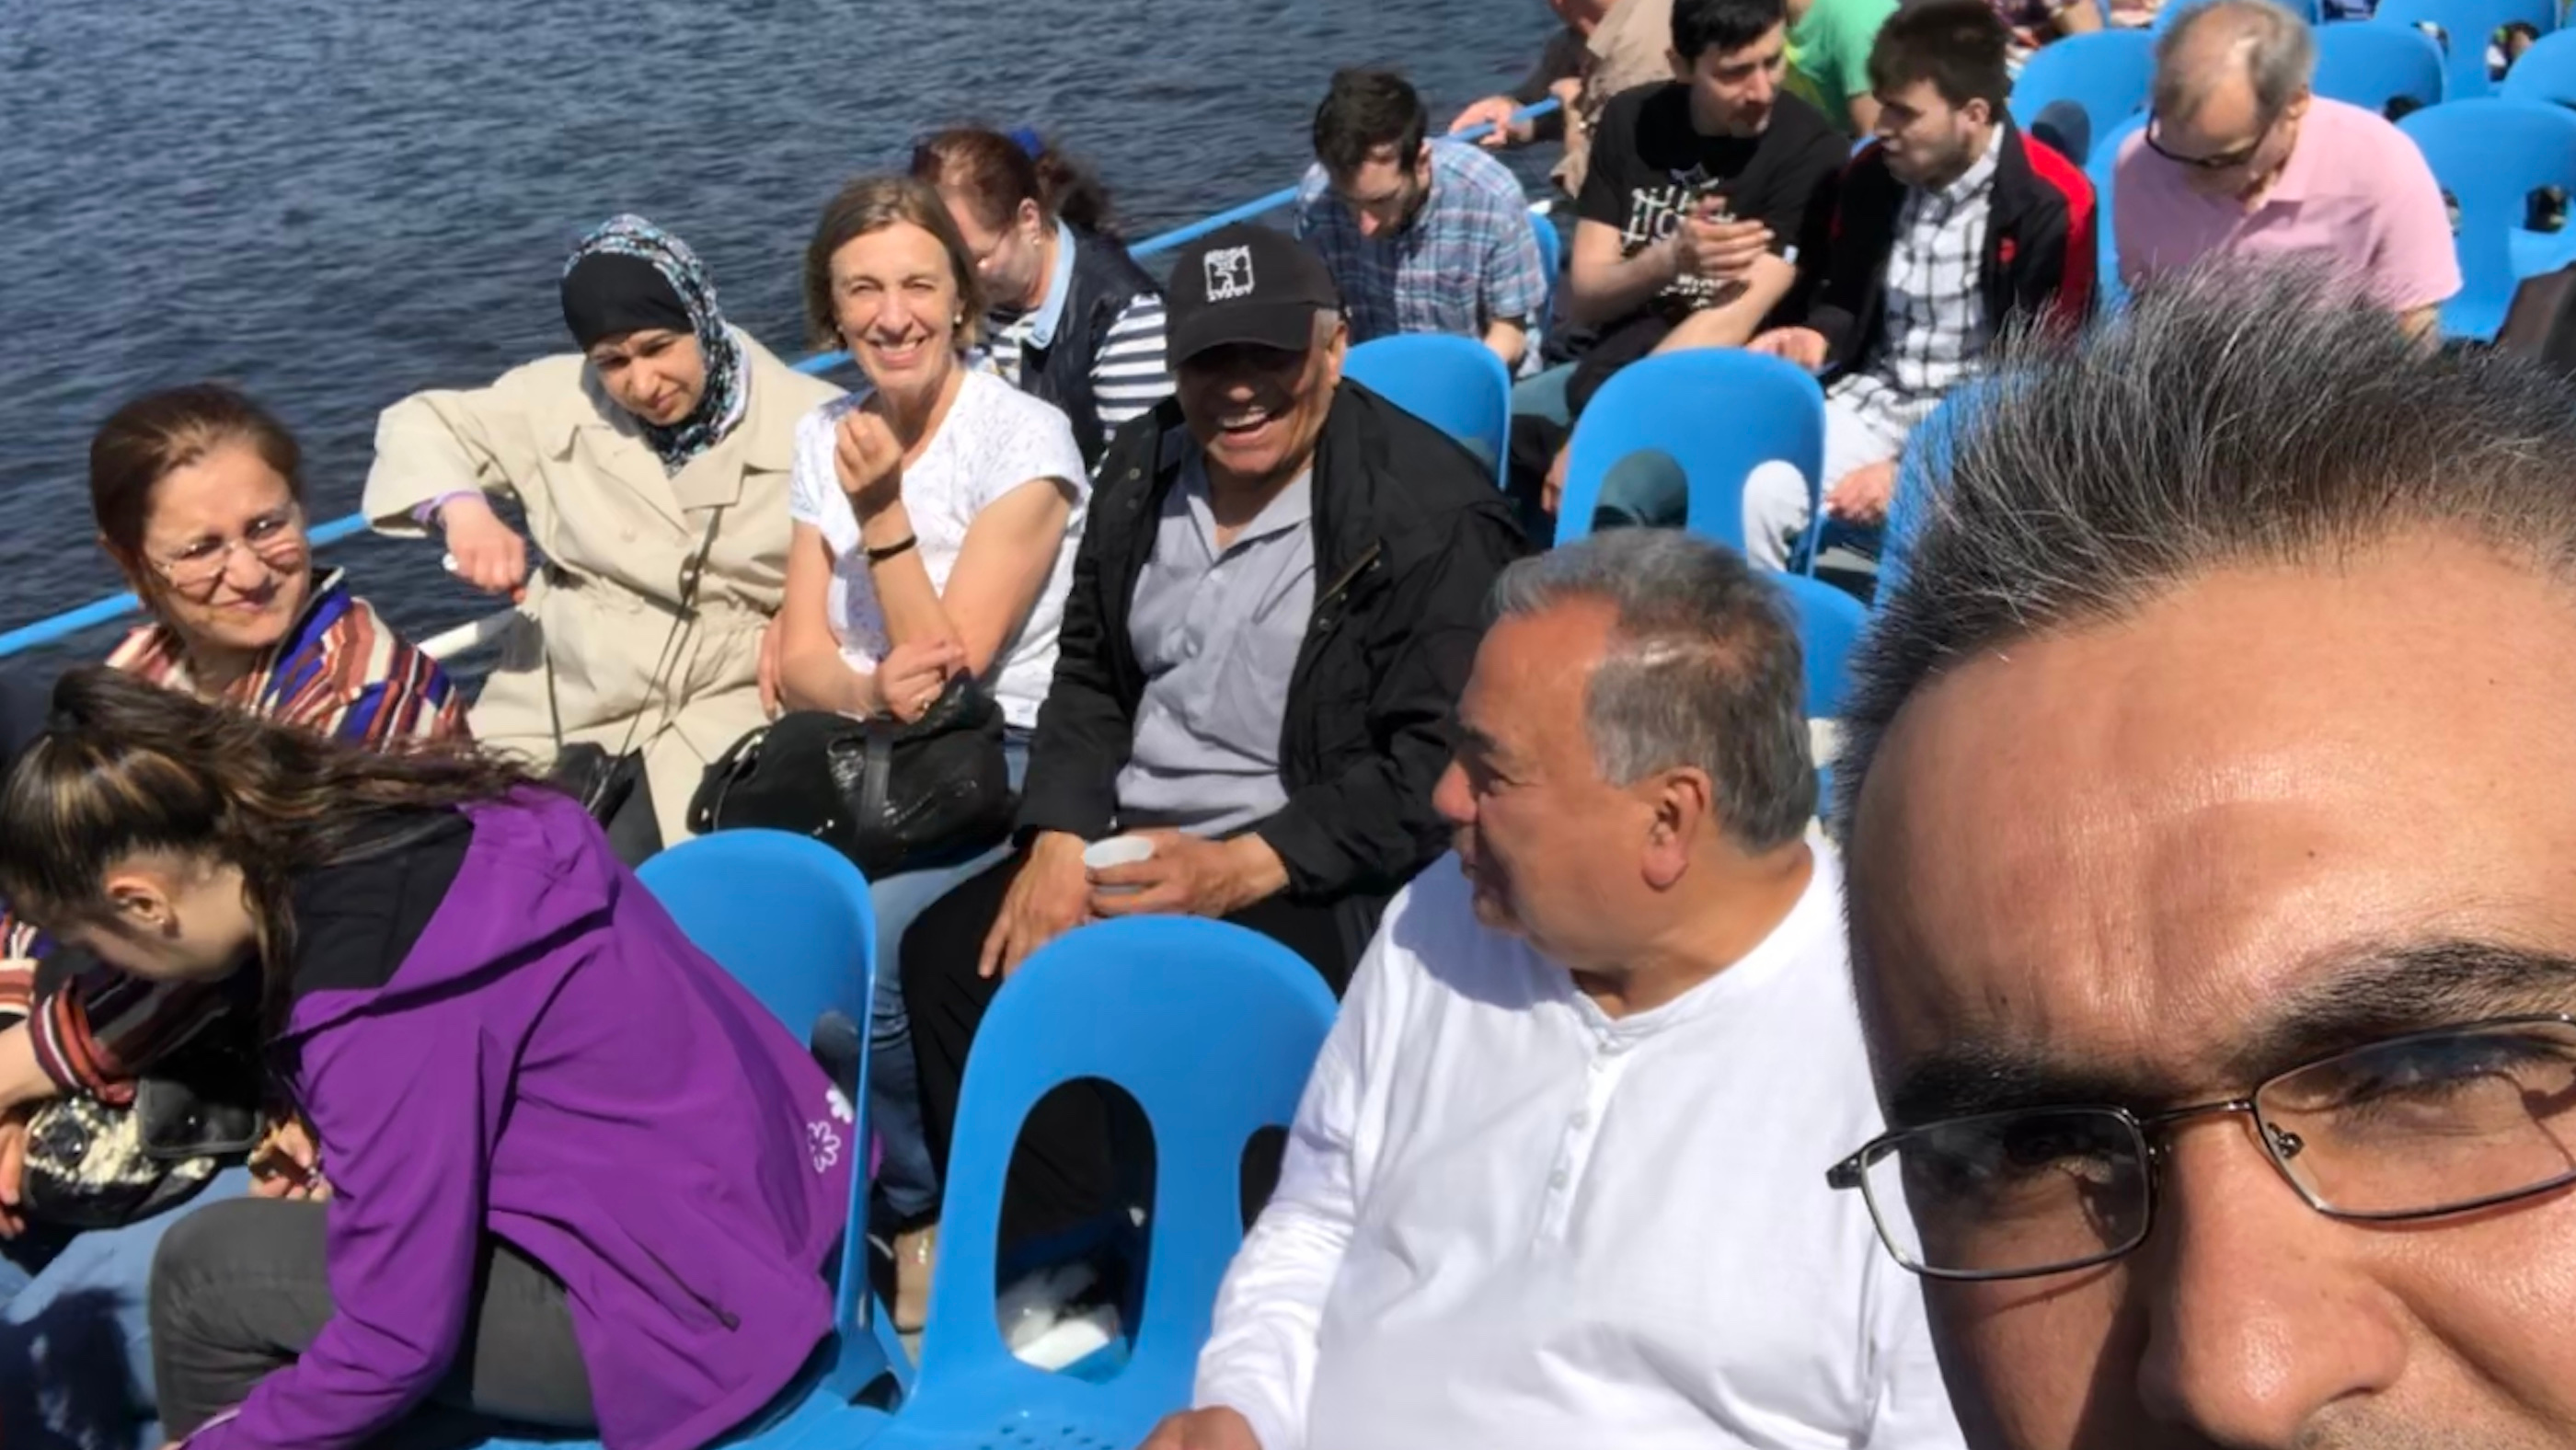 Ein Teil der Flüchtlingsgruppe auf dem Schiff